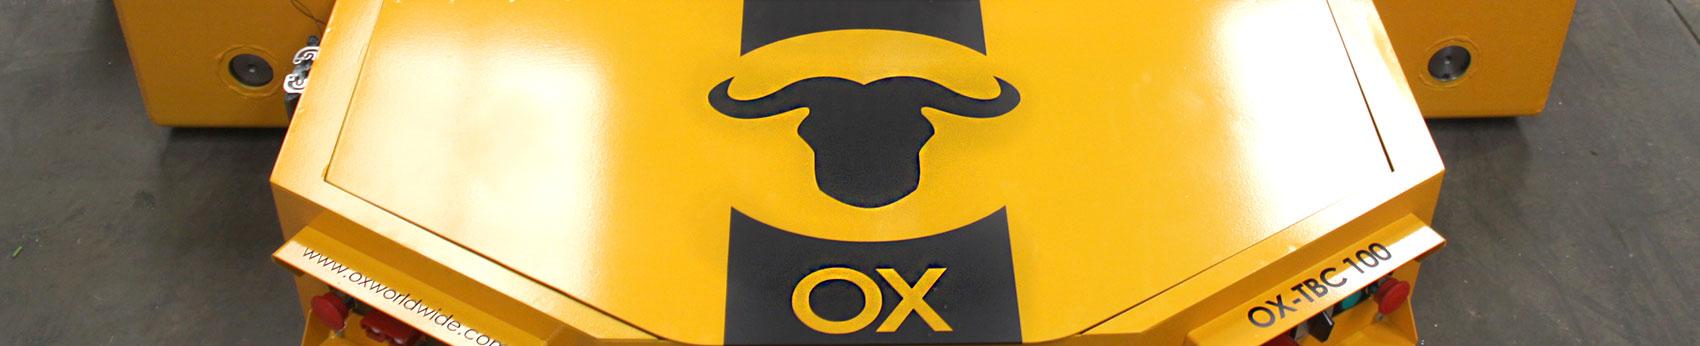 Ox Worldwide Equipamiento para el transporte de grandes cargas